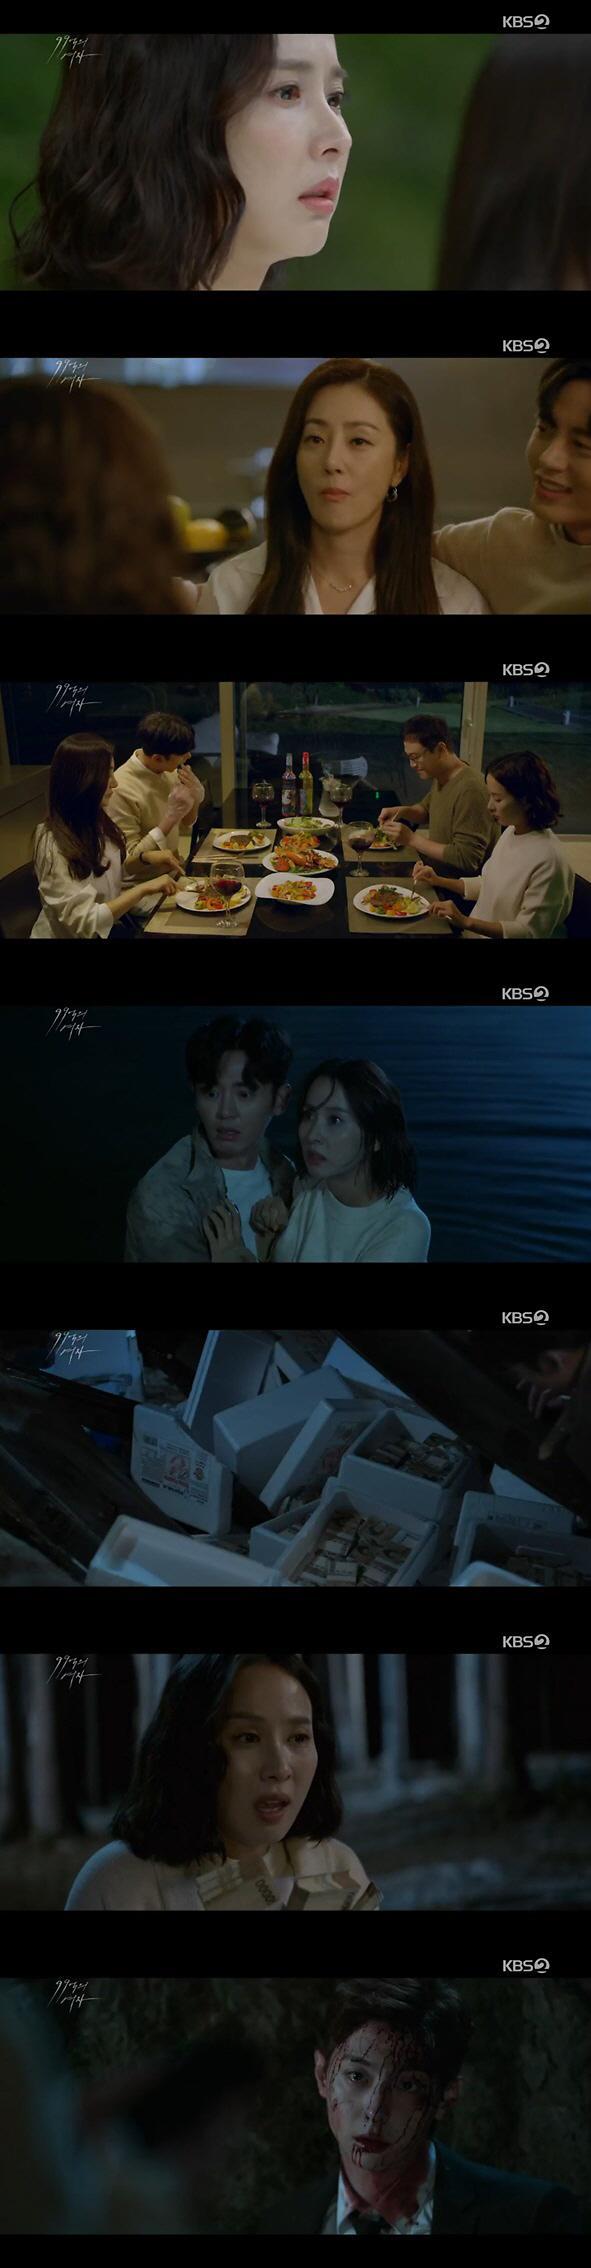 [간밤의 TV] 전개·배우 호연까지…첫방 99억의 여자, 동백꽃 인기 이을까